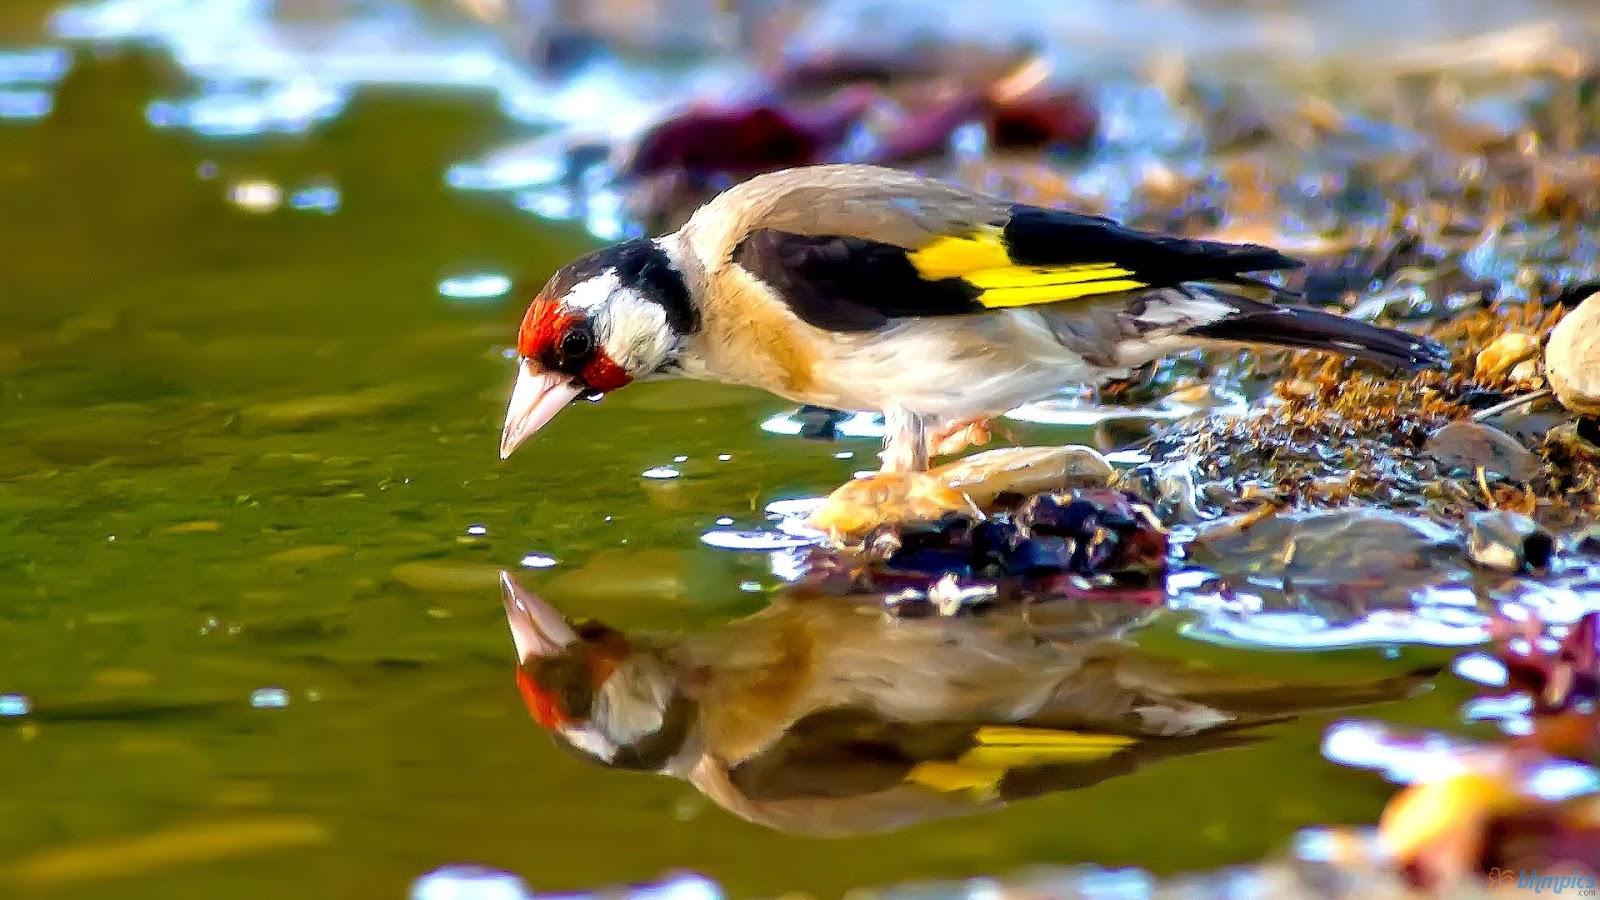 jilguero bird drinking water - photo #1